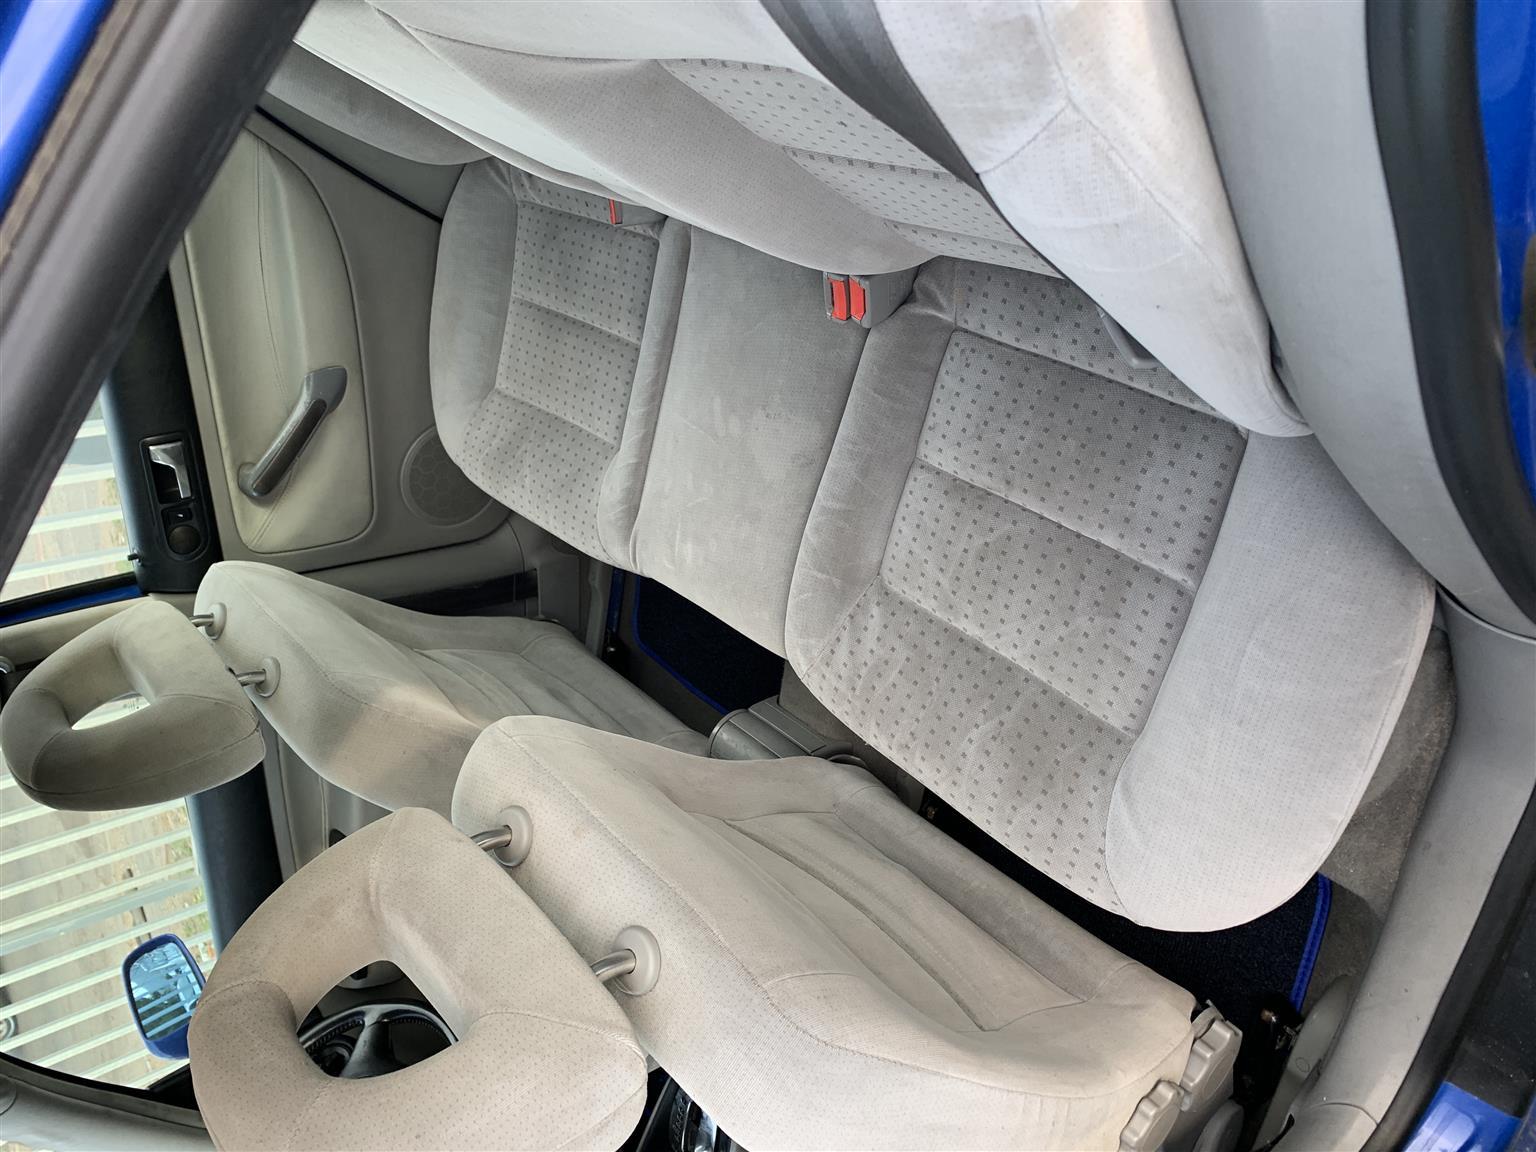 2000 VW Jetta 1.6